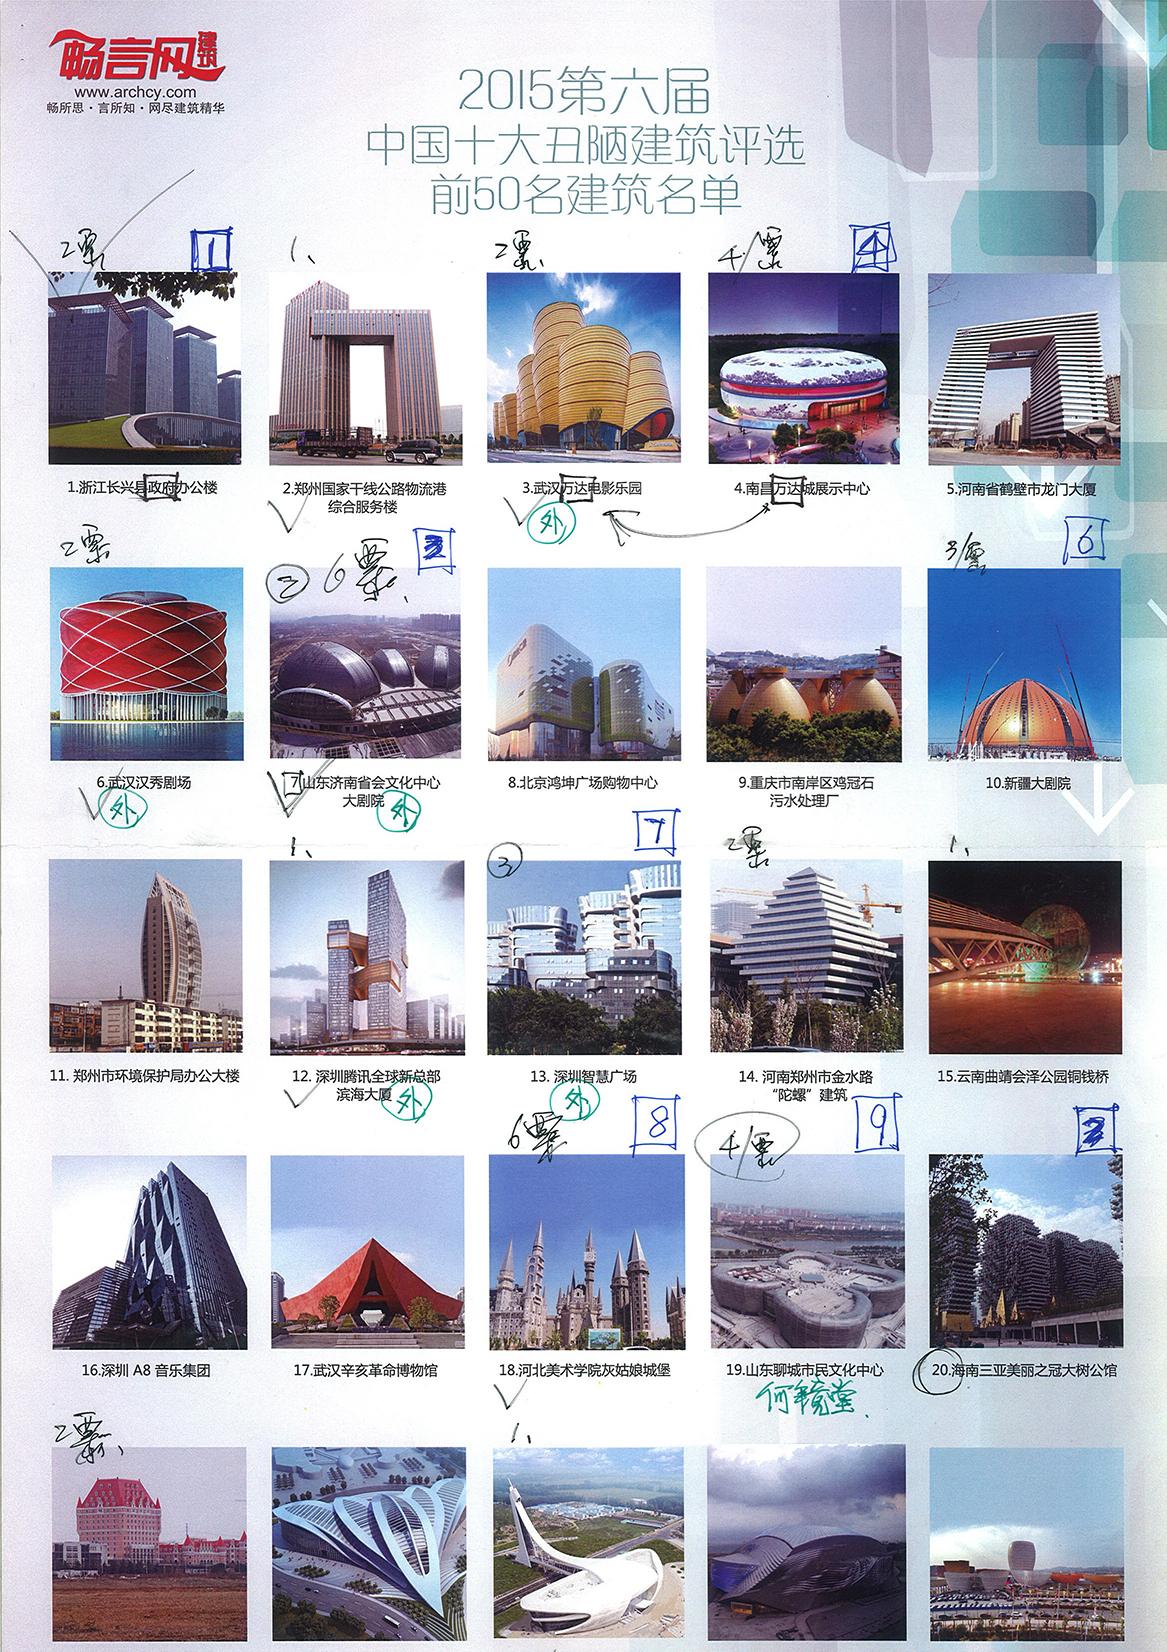 2015第六届中国十大丑陋建筑评选